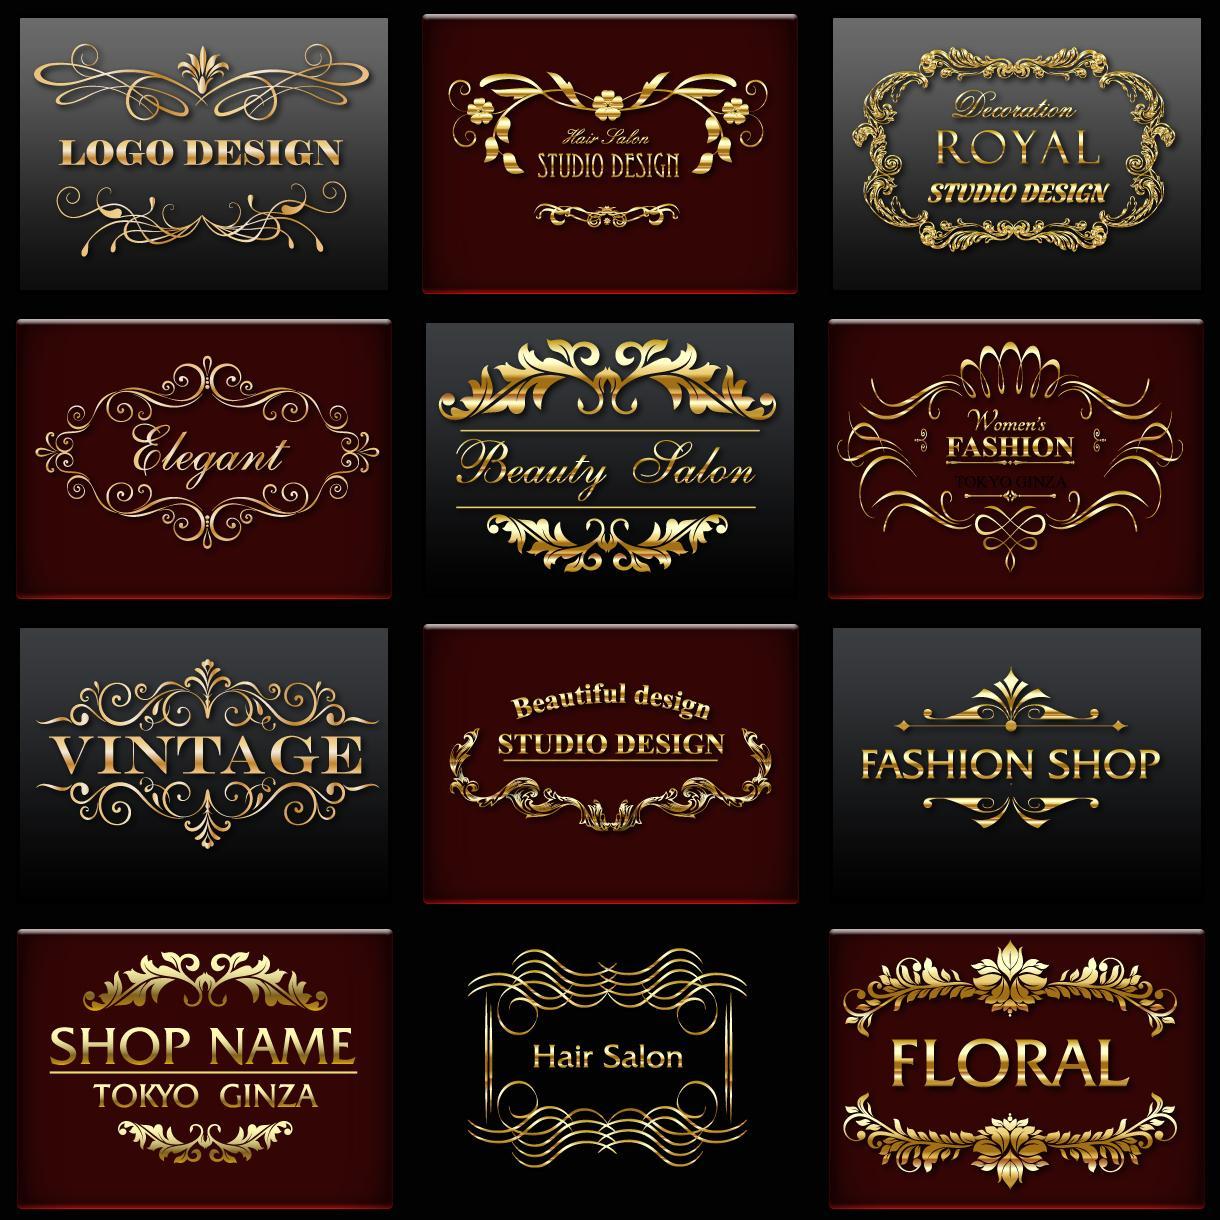 気品あるビンテージスタイル風のロゴを作成致します ハイグレードなビンテージスタイルやレトロ調スタイルのロゴ作成